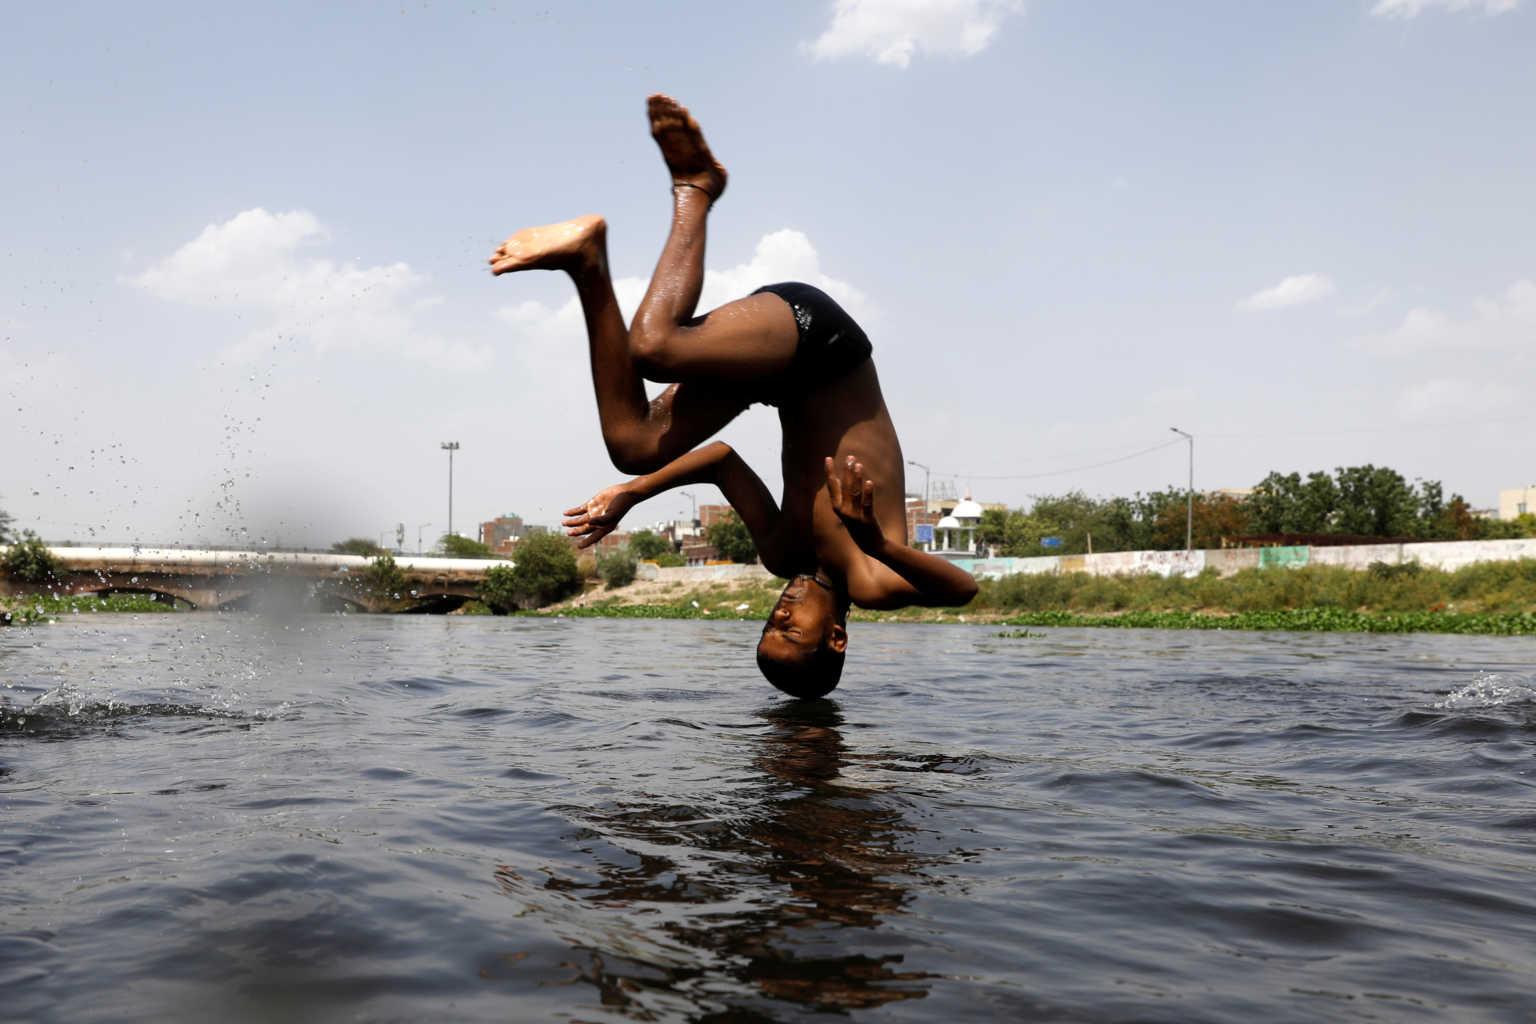 Έπιασε τους 47,6 βαθμούς η θερμοκρασία στο Ν. Δελχί